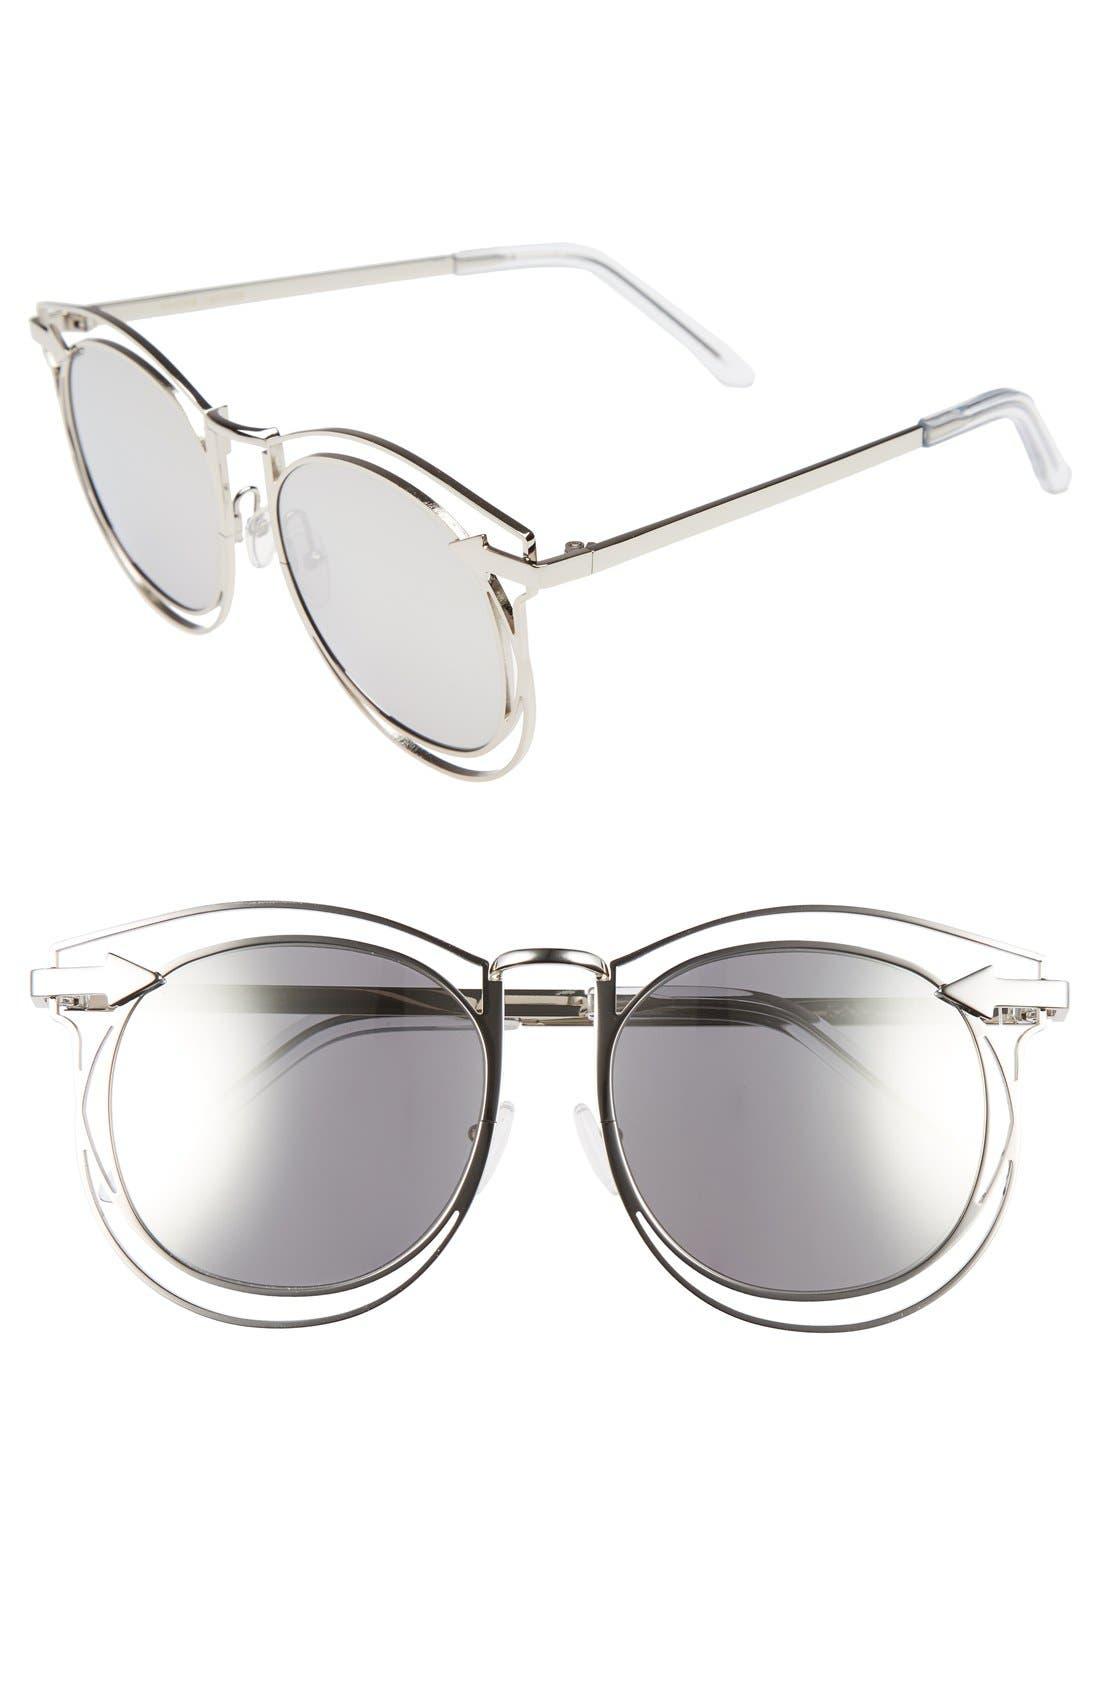 'Simone' 54mm Retro Sunglasses,                         Main,                         color, Silver/ Clear